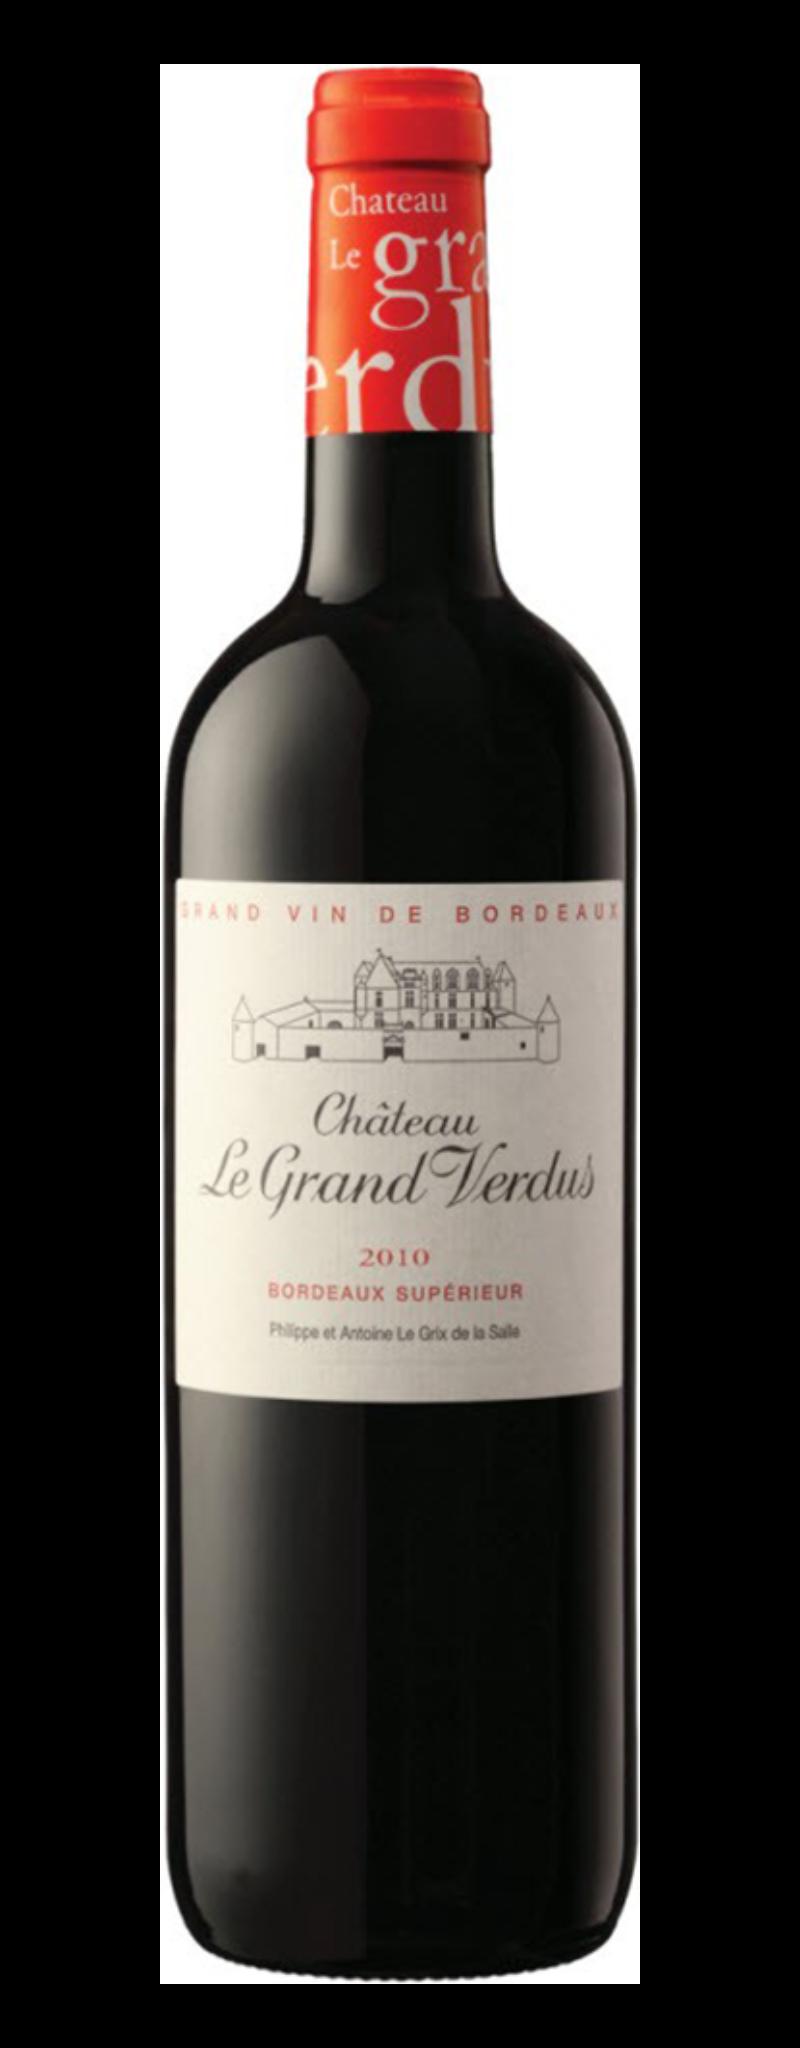 Chateau Le Grand Verdus, Bordeaux Superior, Magnum 1.5l  - 750ml